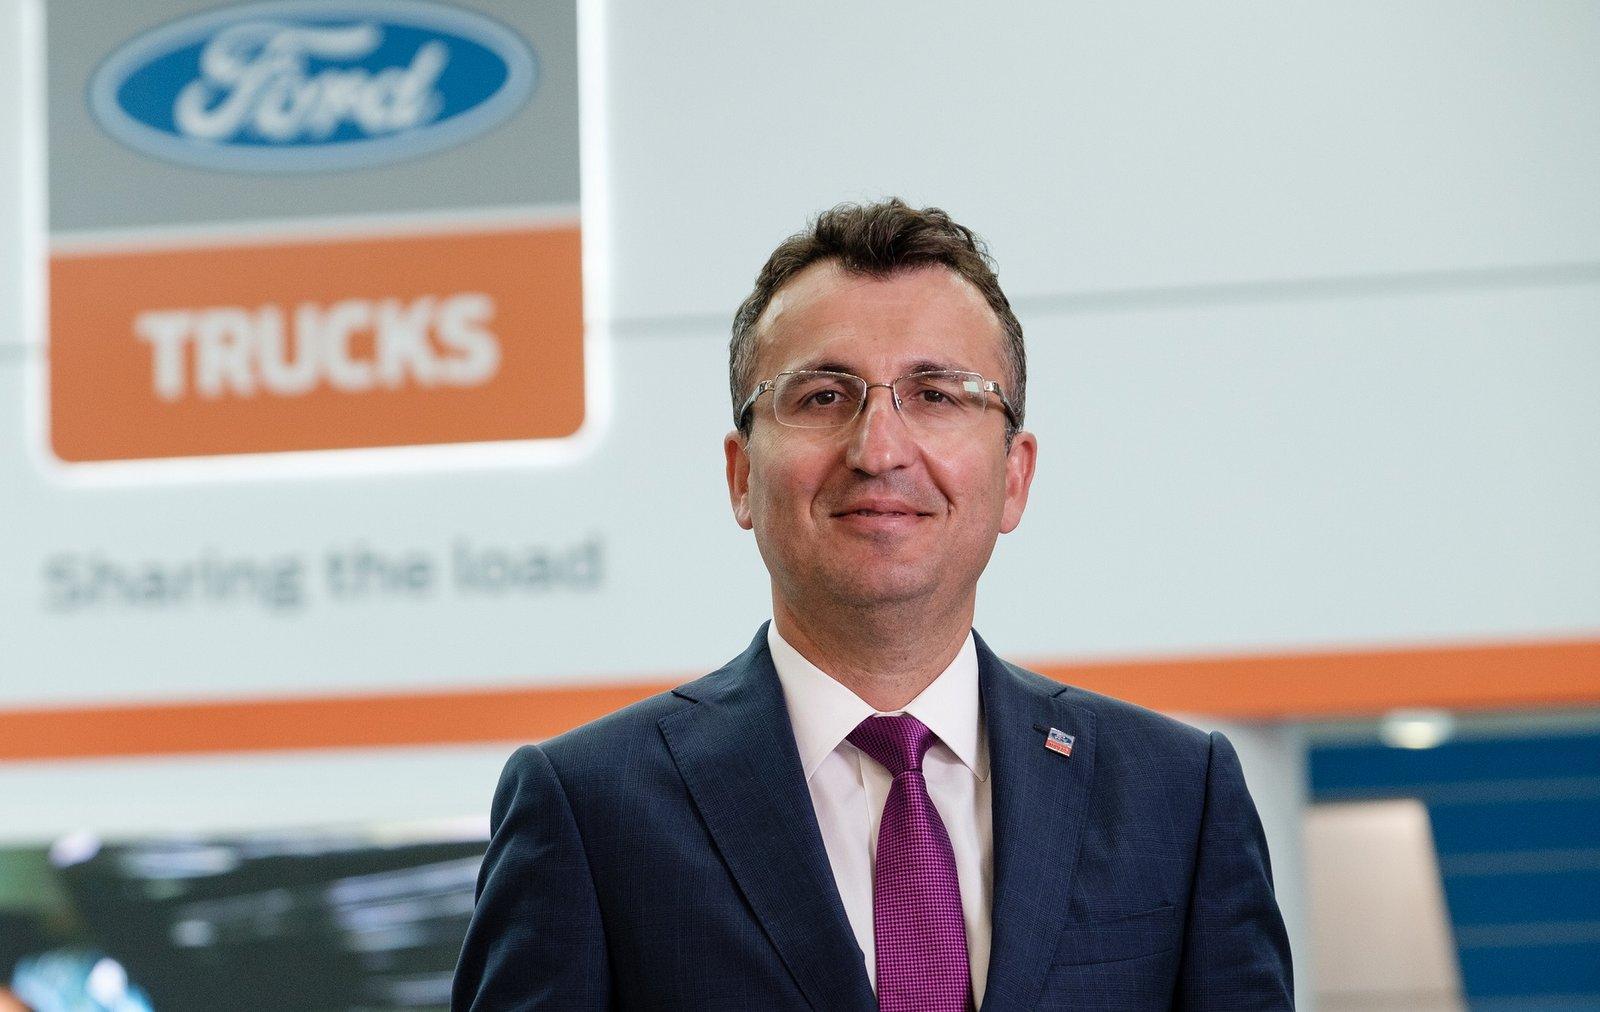 - Vi strävar efter att skapa ett starkt Ford Trucks i Europa, säger Serhan Turfan, vd Ford Trucks. Foto: Ford Trucks.